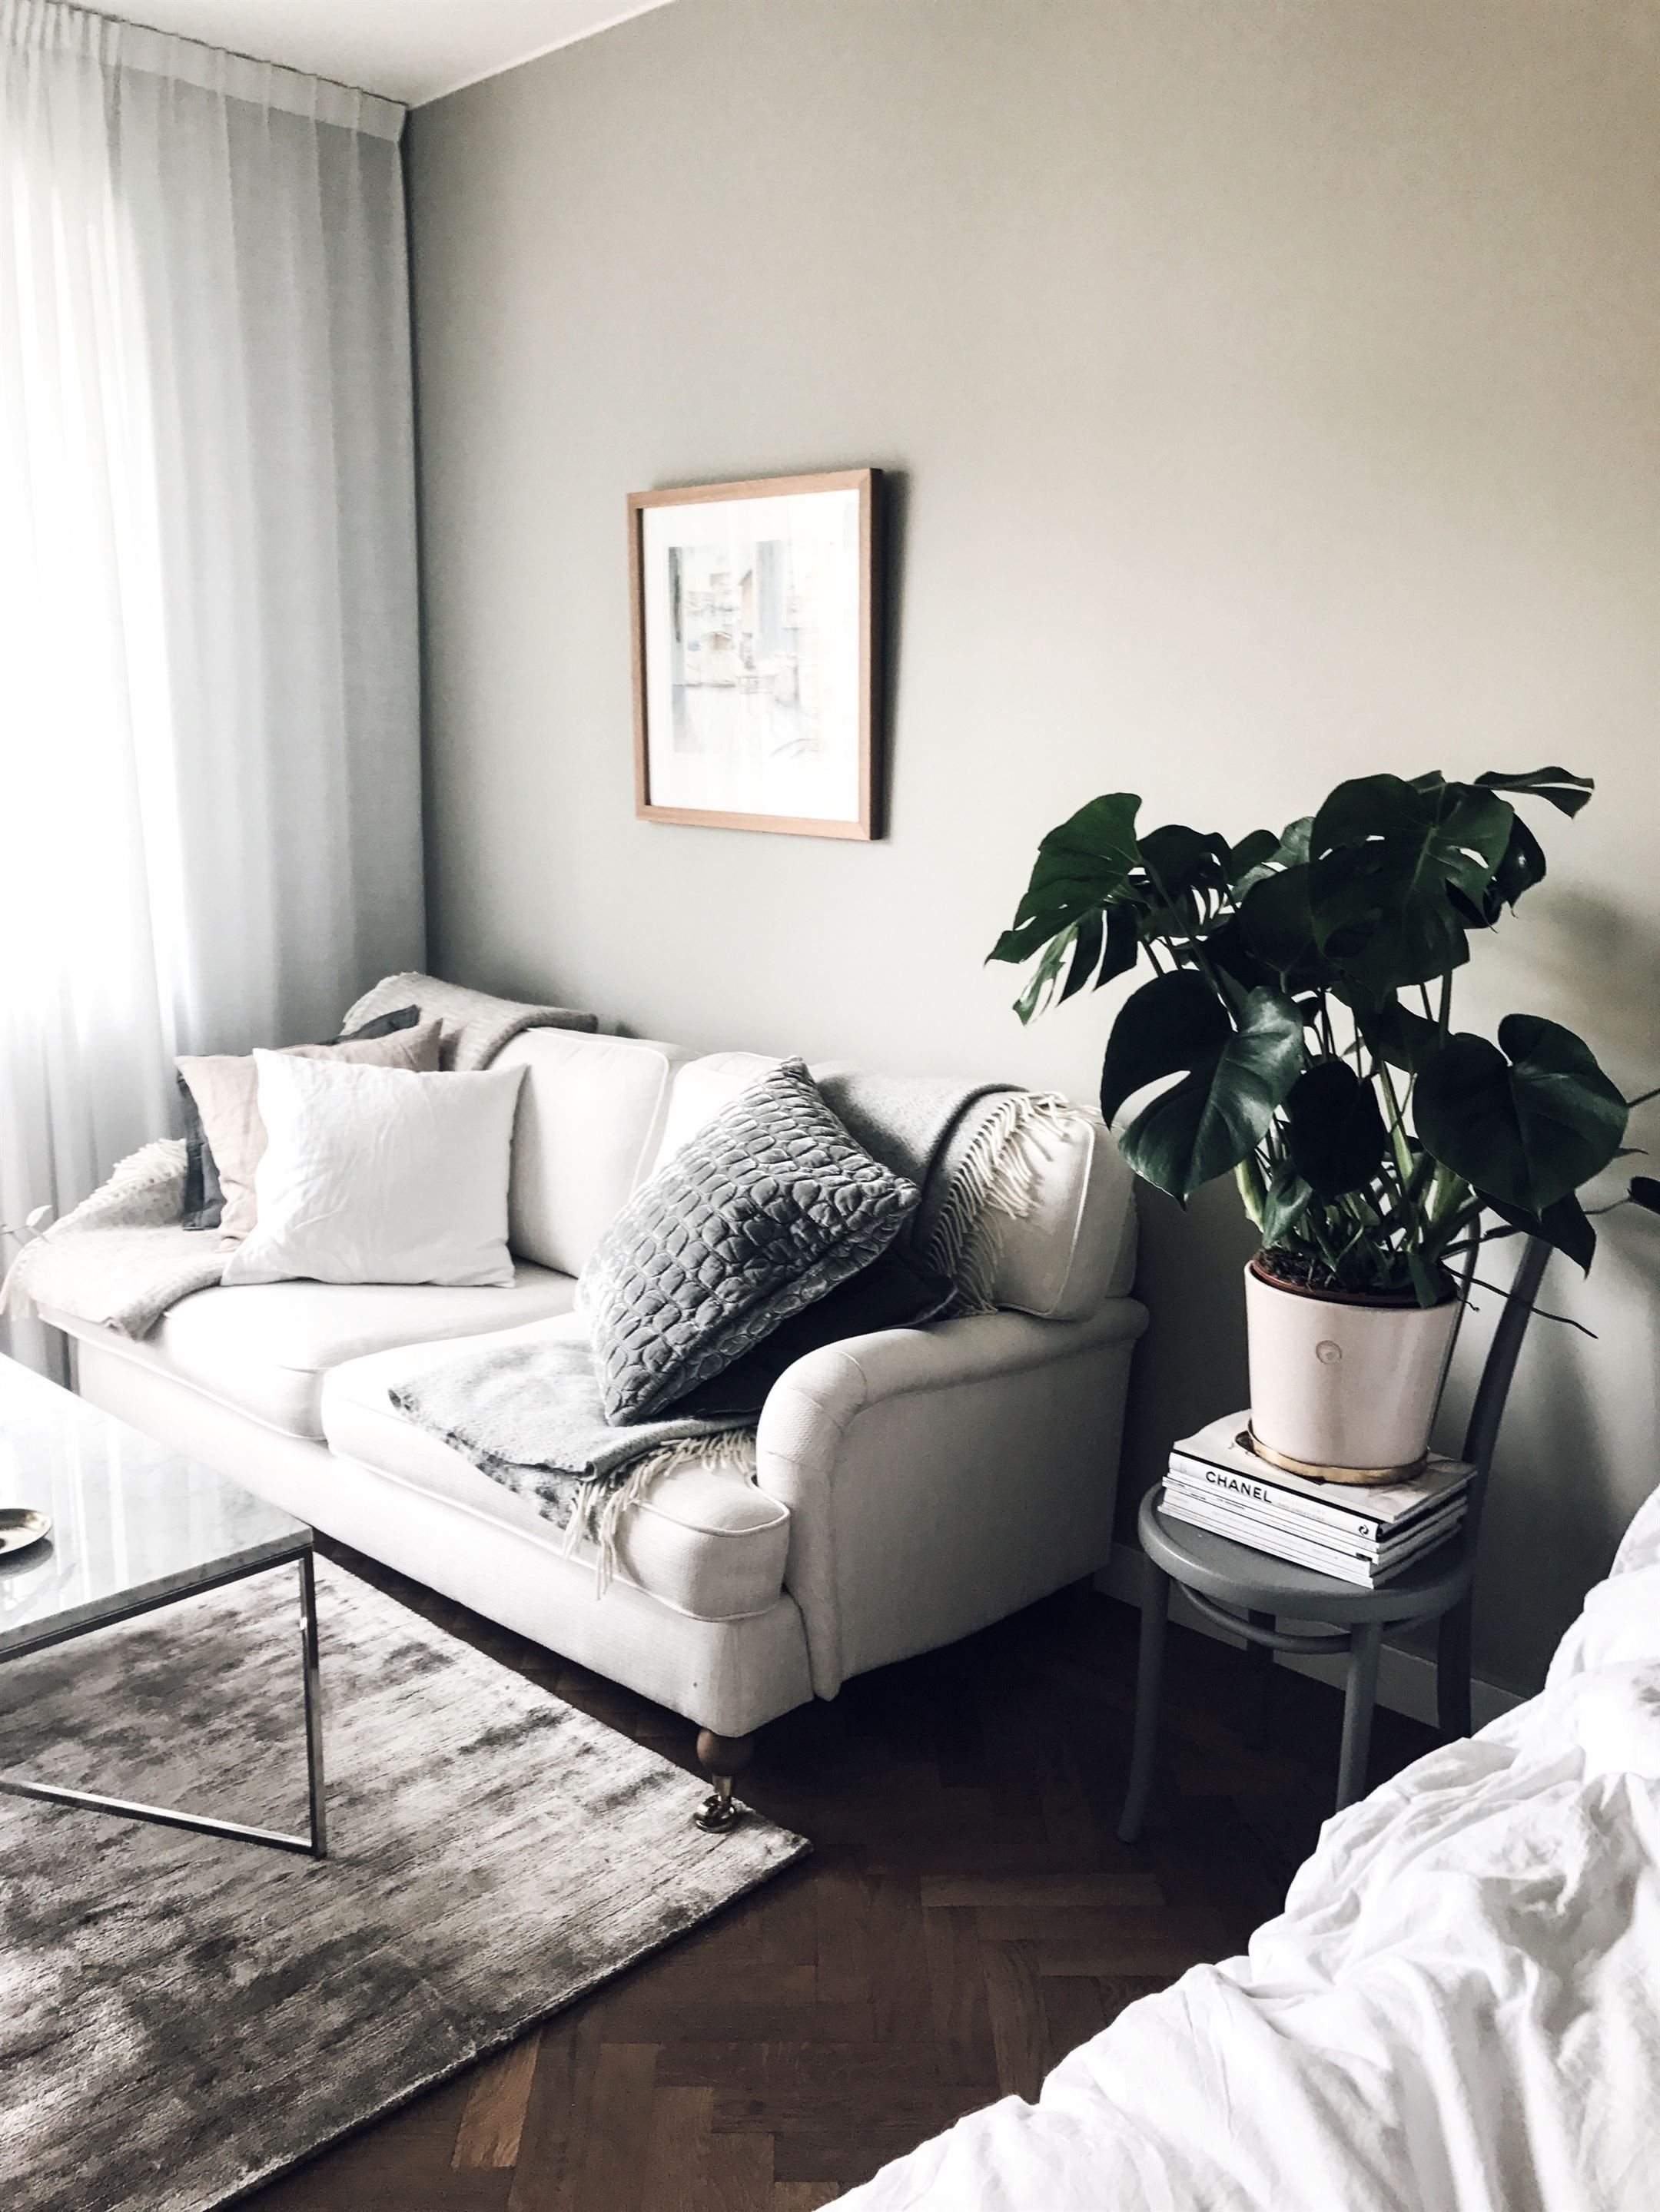 Room lovisawallin Blog Neutral color palettes